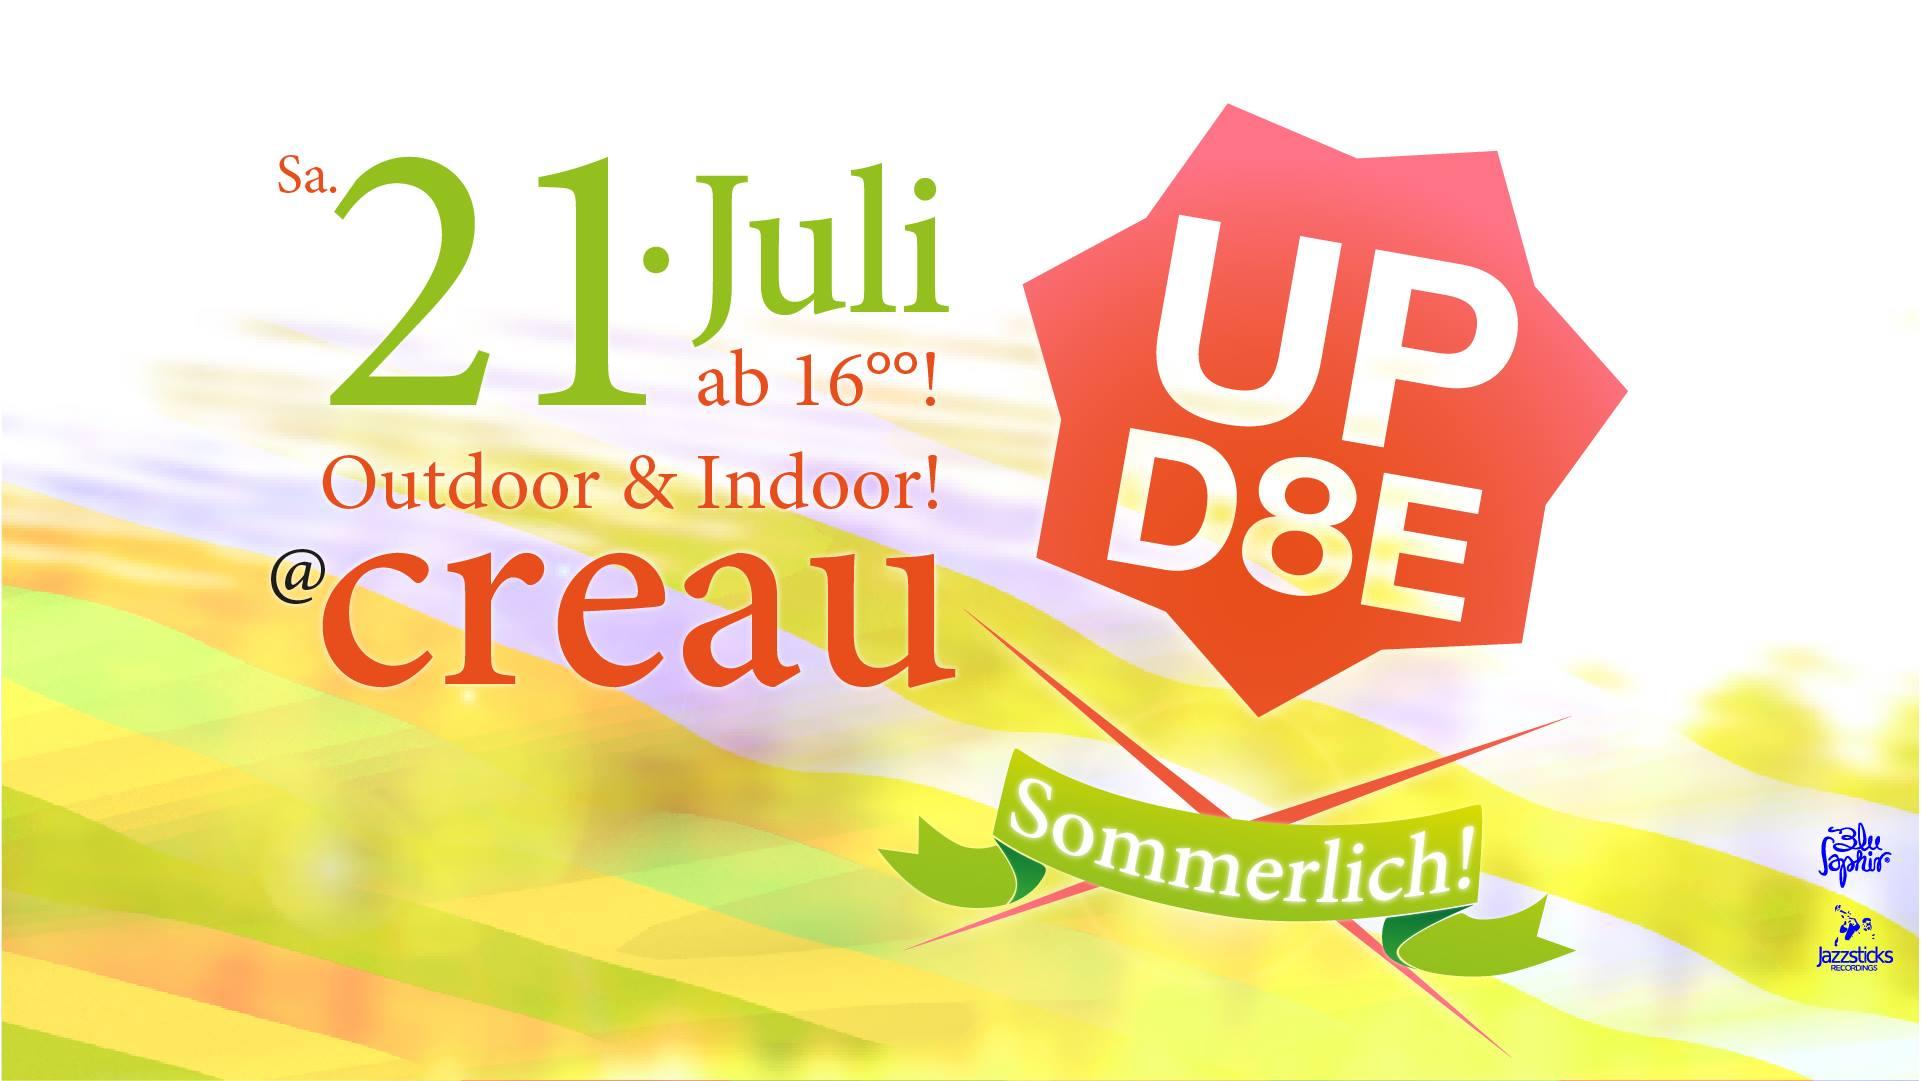 Sommerliches UPD8E in der Creau